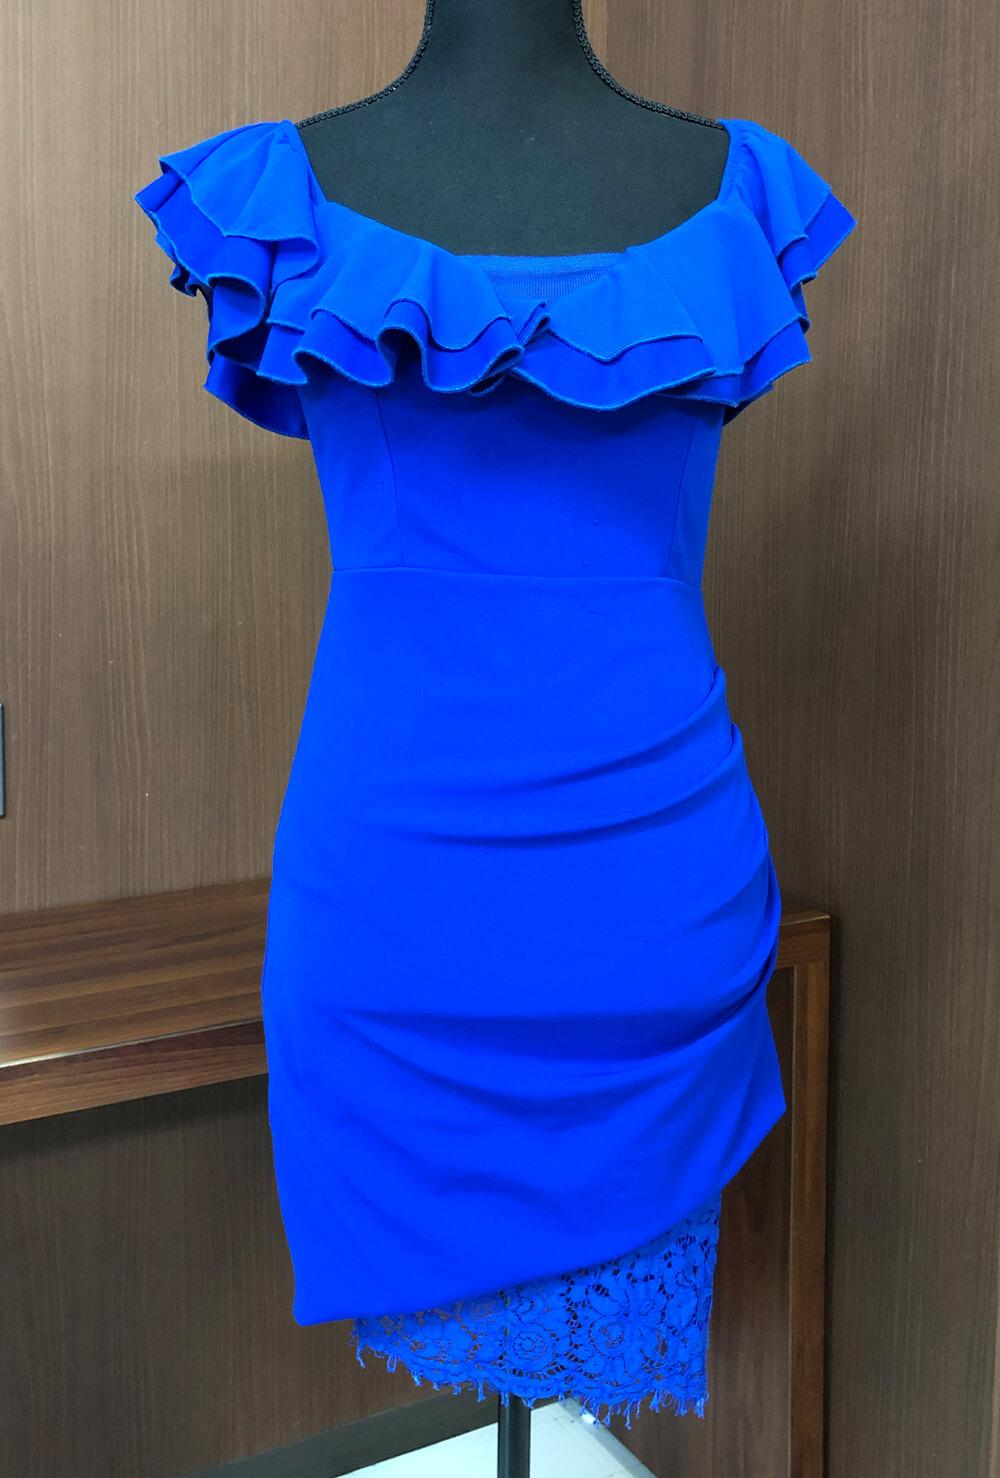 鮮やかなブルーがみんなの視線を集めちゃうミニドレス